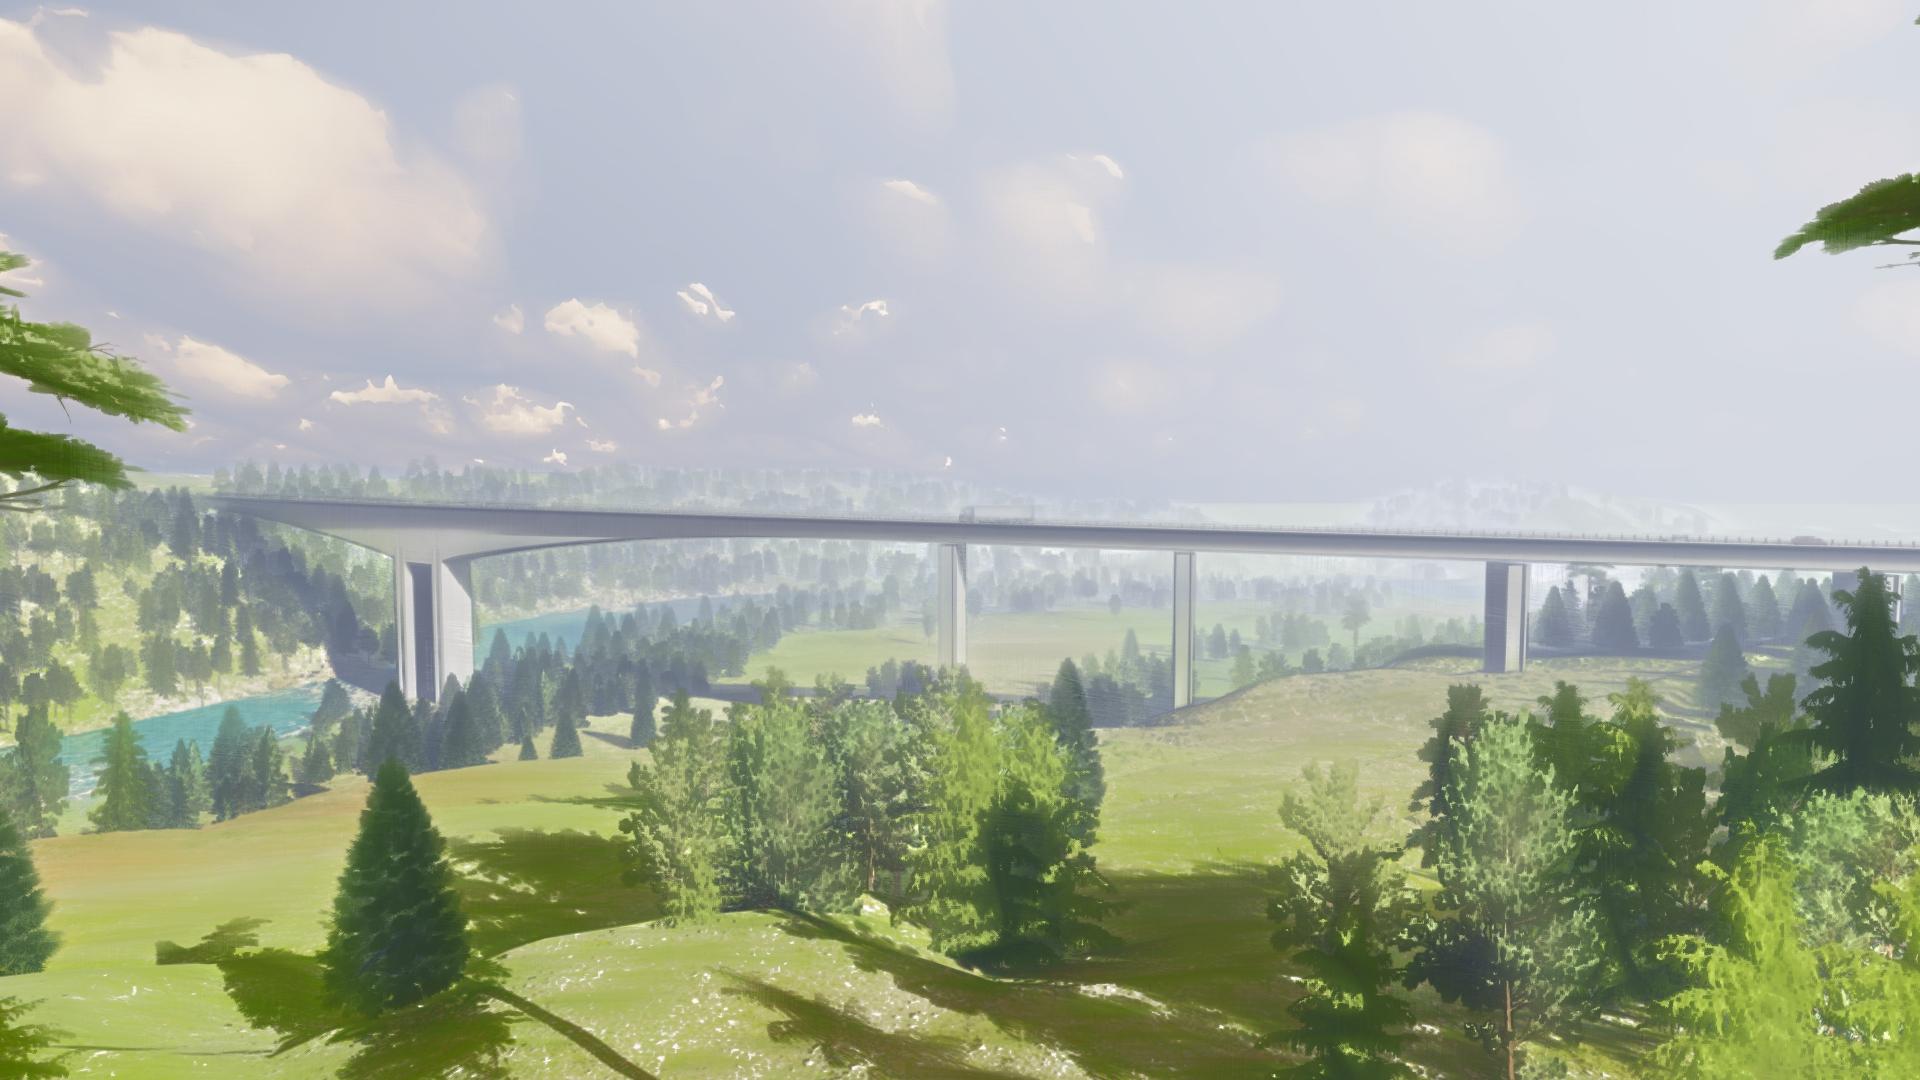 Rendering of Randselva Bridge in Norway